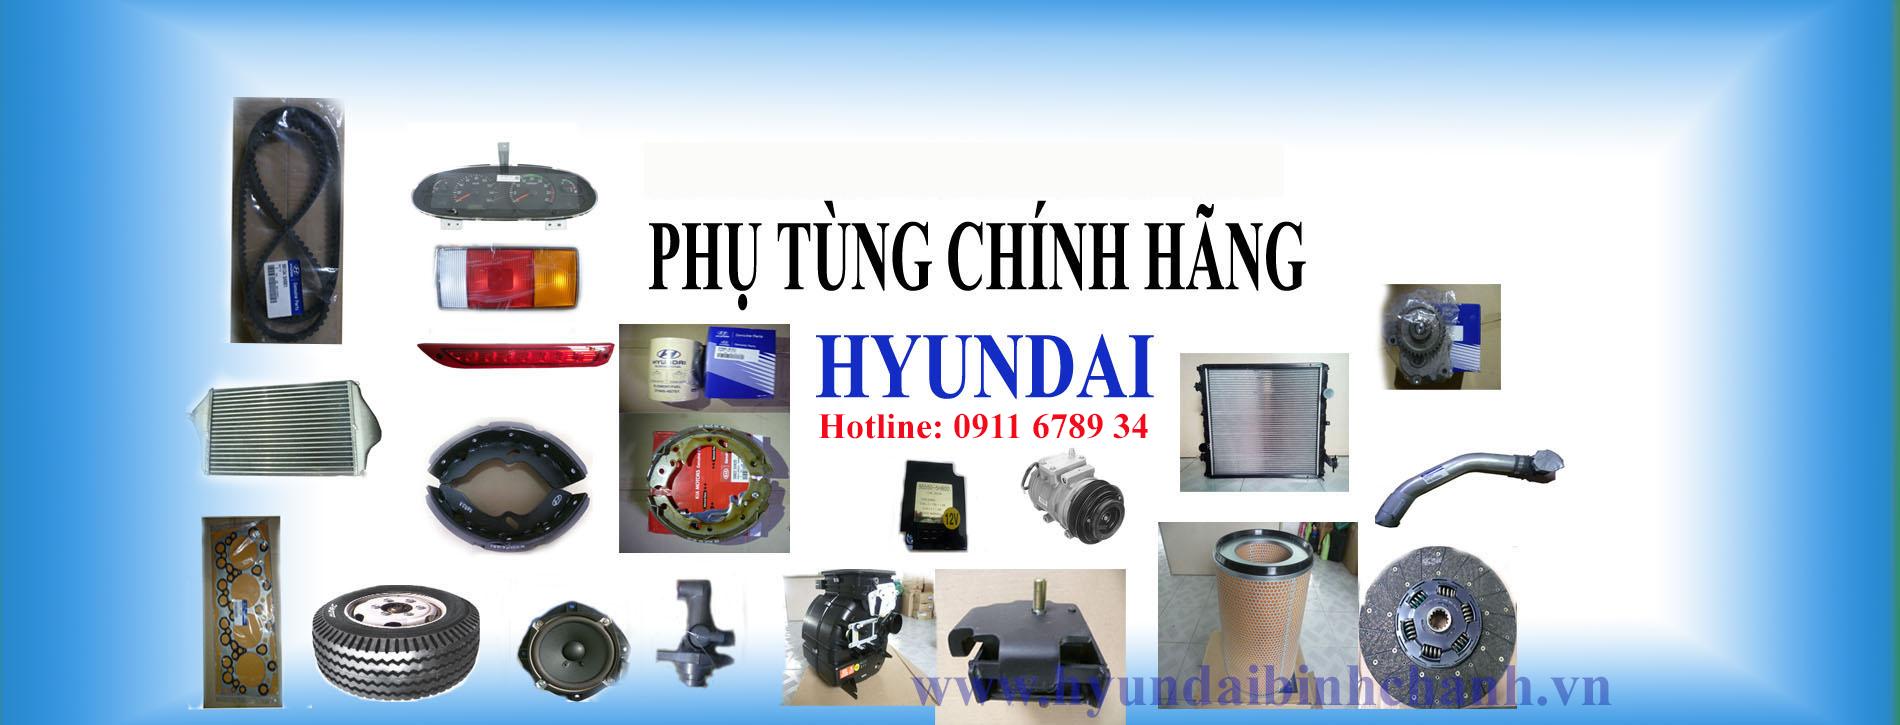 phu-tung-hyundai Phụ tùng chính hãng | Hyundai Phú Lâm